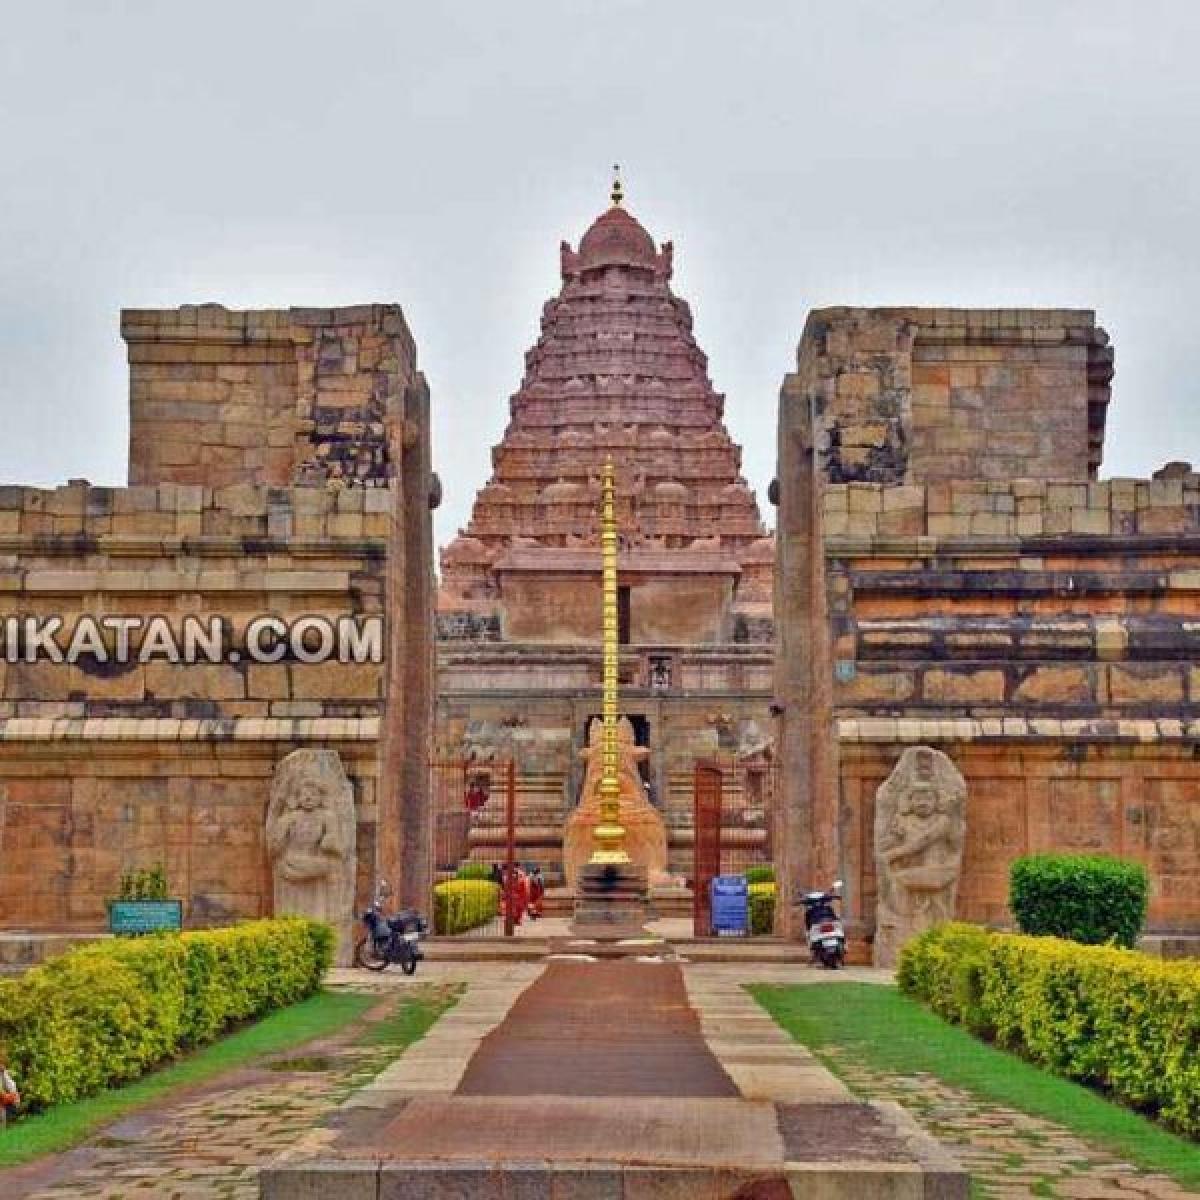 பிரகதீஸ்வரர் கோயிலில் புகுந்த கொள்ளையர்களுக்கு நடந்த ஏமாற்றம்!